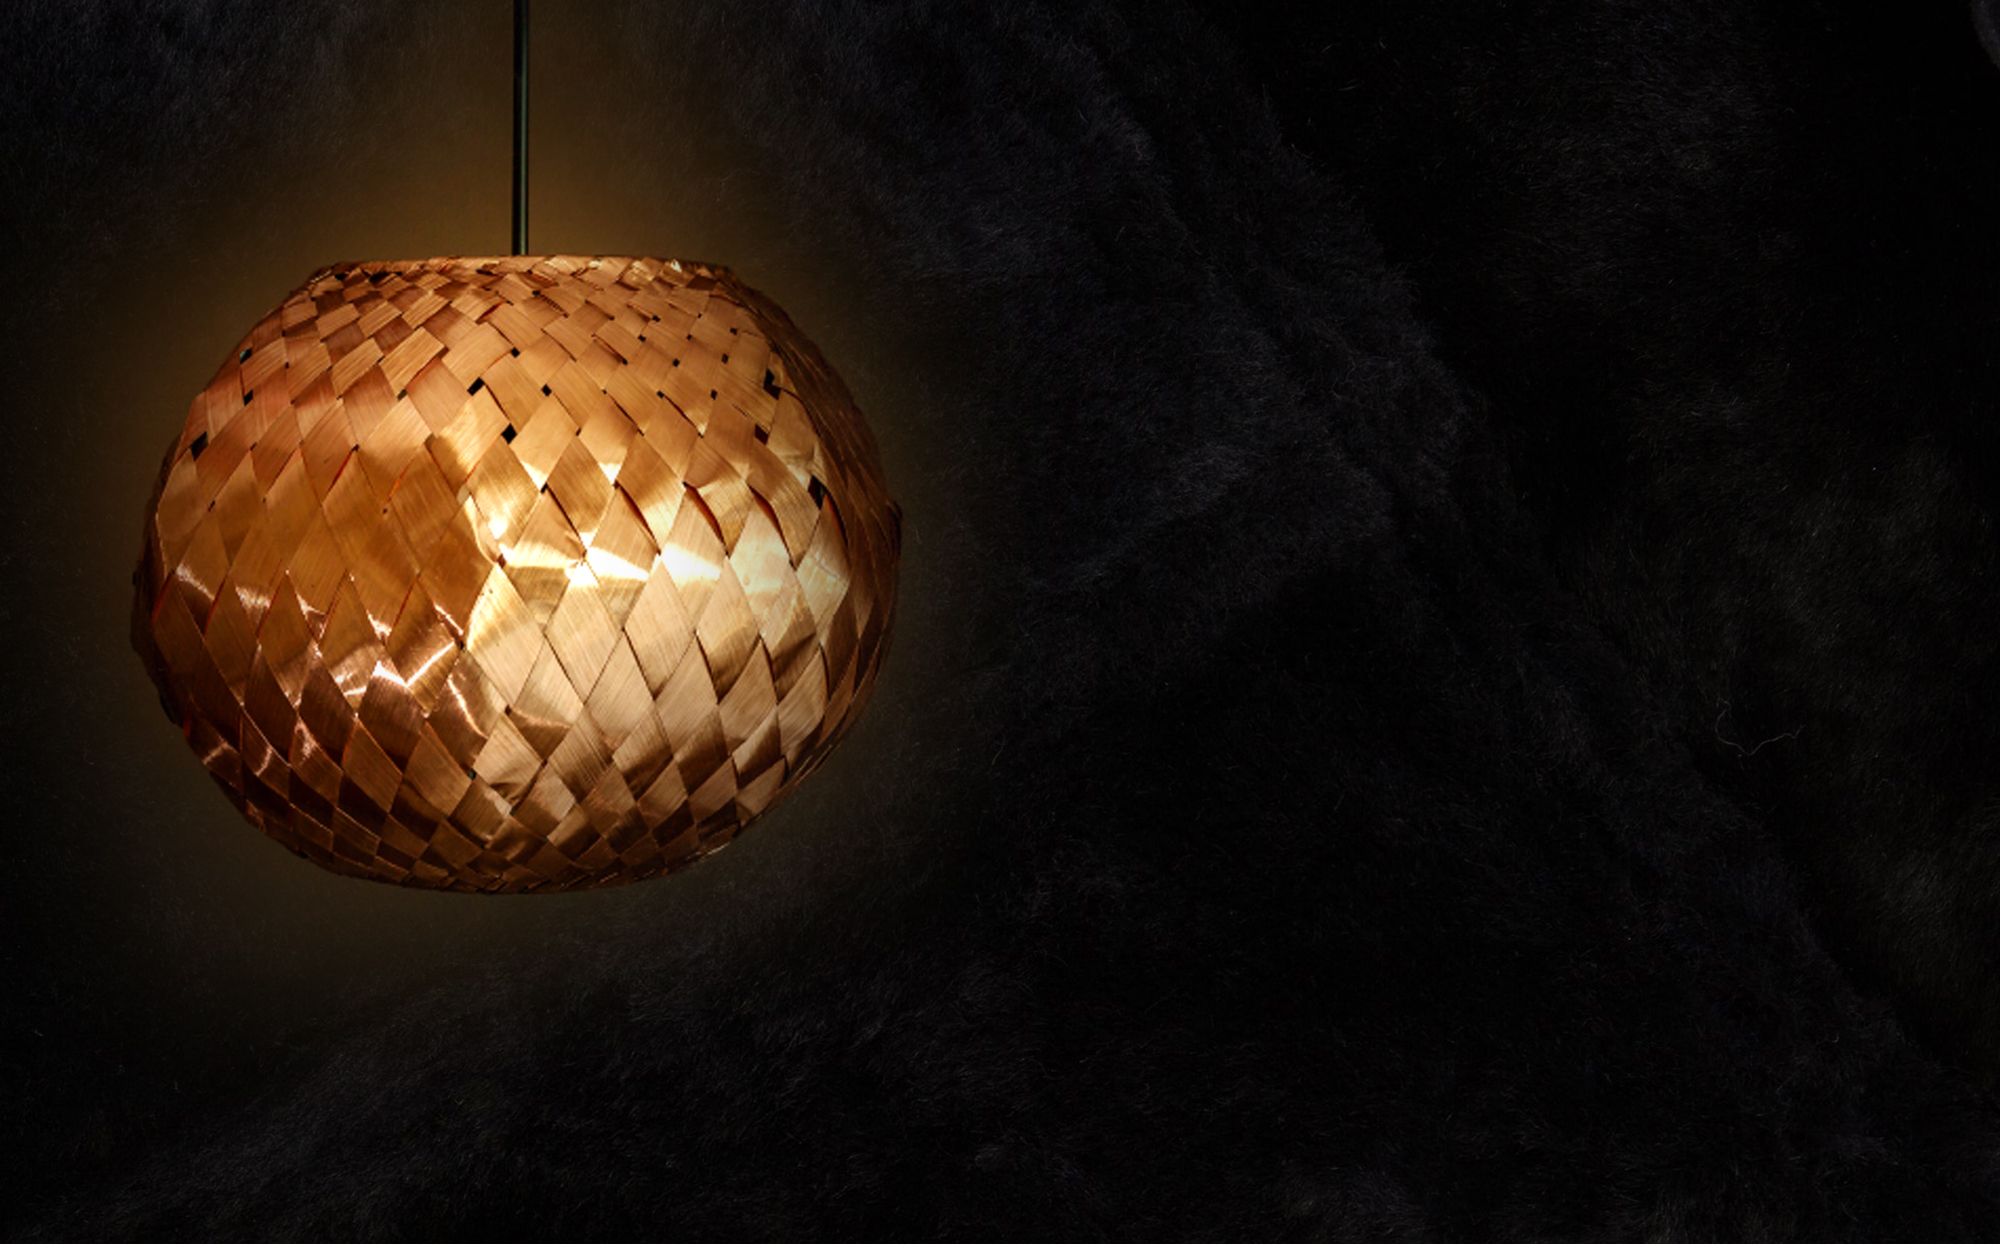 Buscando el lujo en la simplicidad    Nuestros diseños reflejan nuestro amor por lo clásico. La simplicidad de los colores y texturas que se difuminan para dar paso a una visión de un estilo reservado, sobrio y transparente... Así se define la intención que nos mueve a crear. Creamos Iluminación decorativa capaz de darle a cualquier espacio un aire de calidez y elegancia.